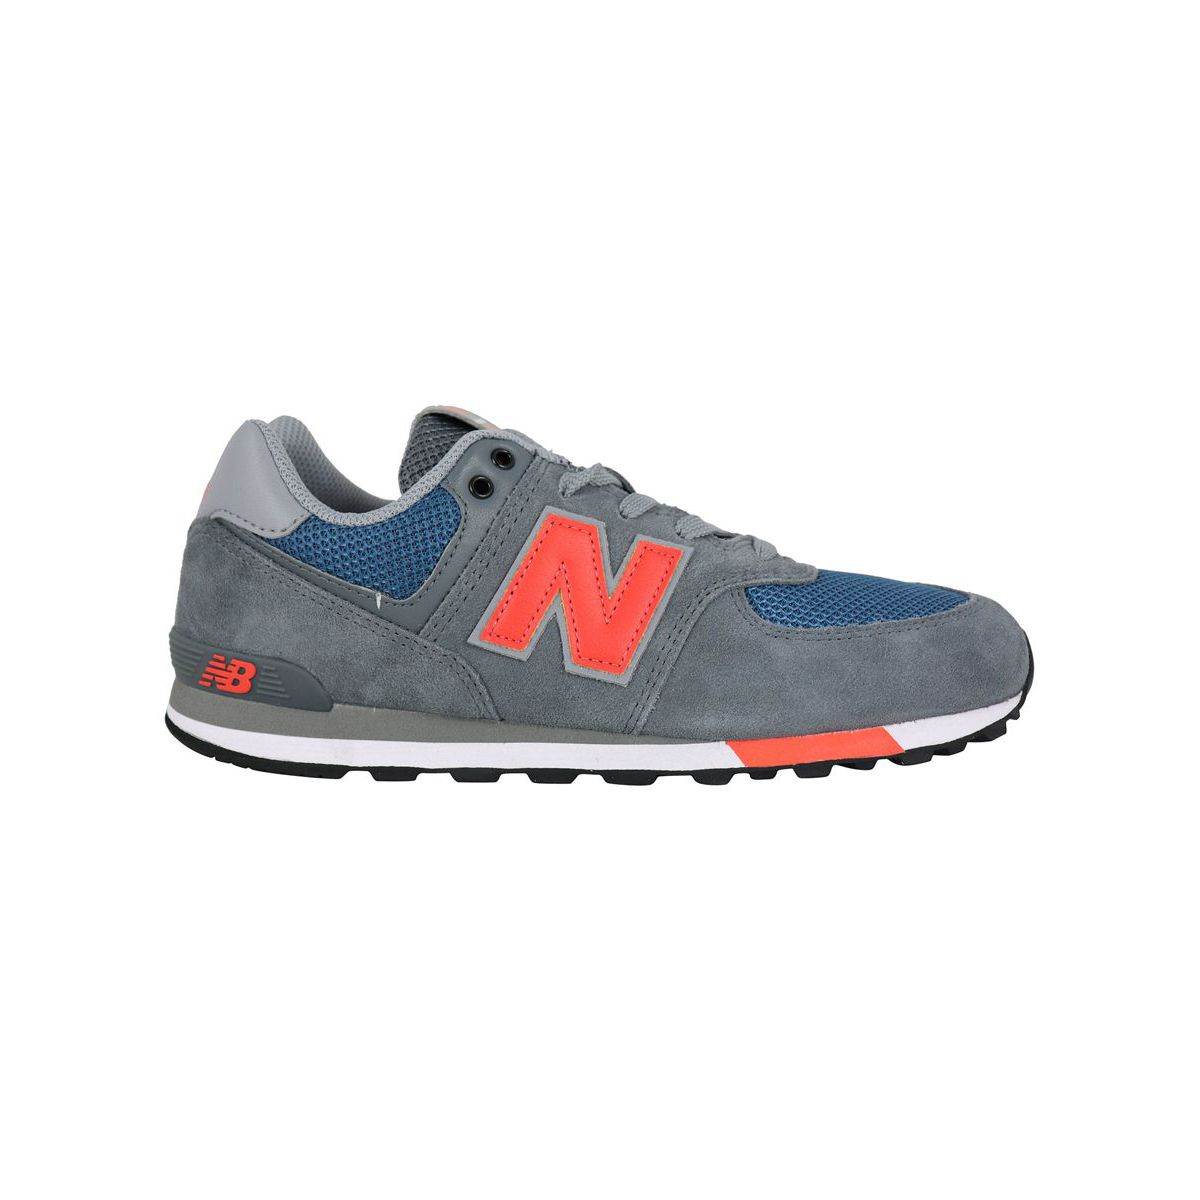 Sneakers GC574NFO Grigio/azz. New Balance